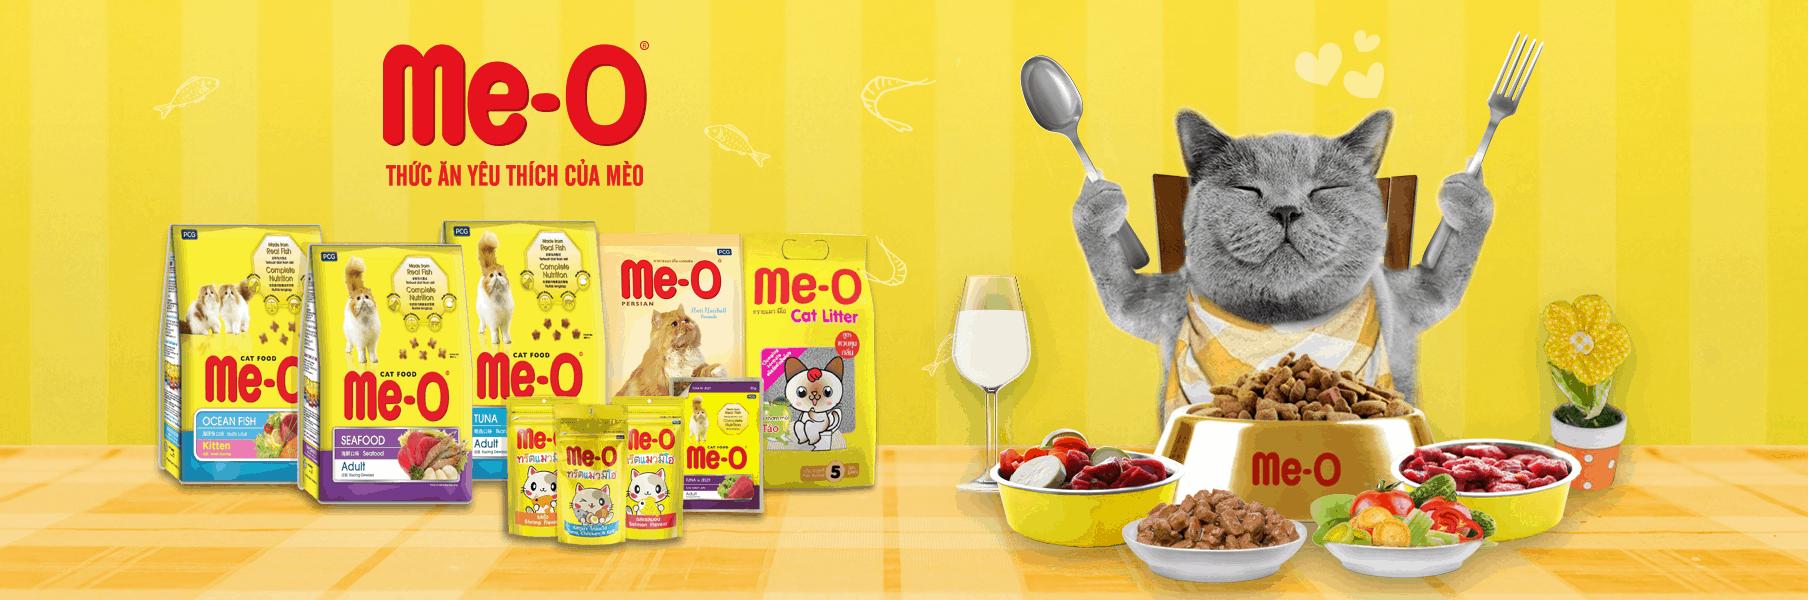 Me-o | Thức ăn cho mèo và những thông tin hữu ích bạn cần biết